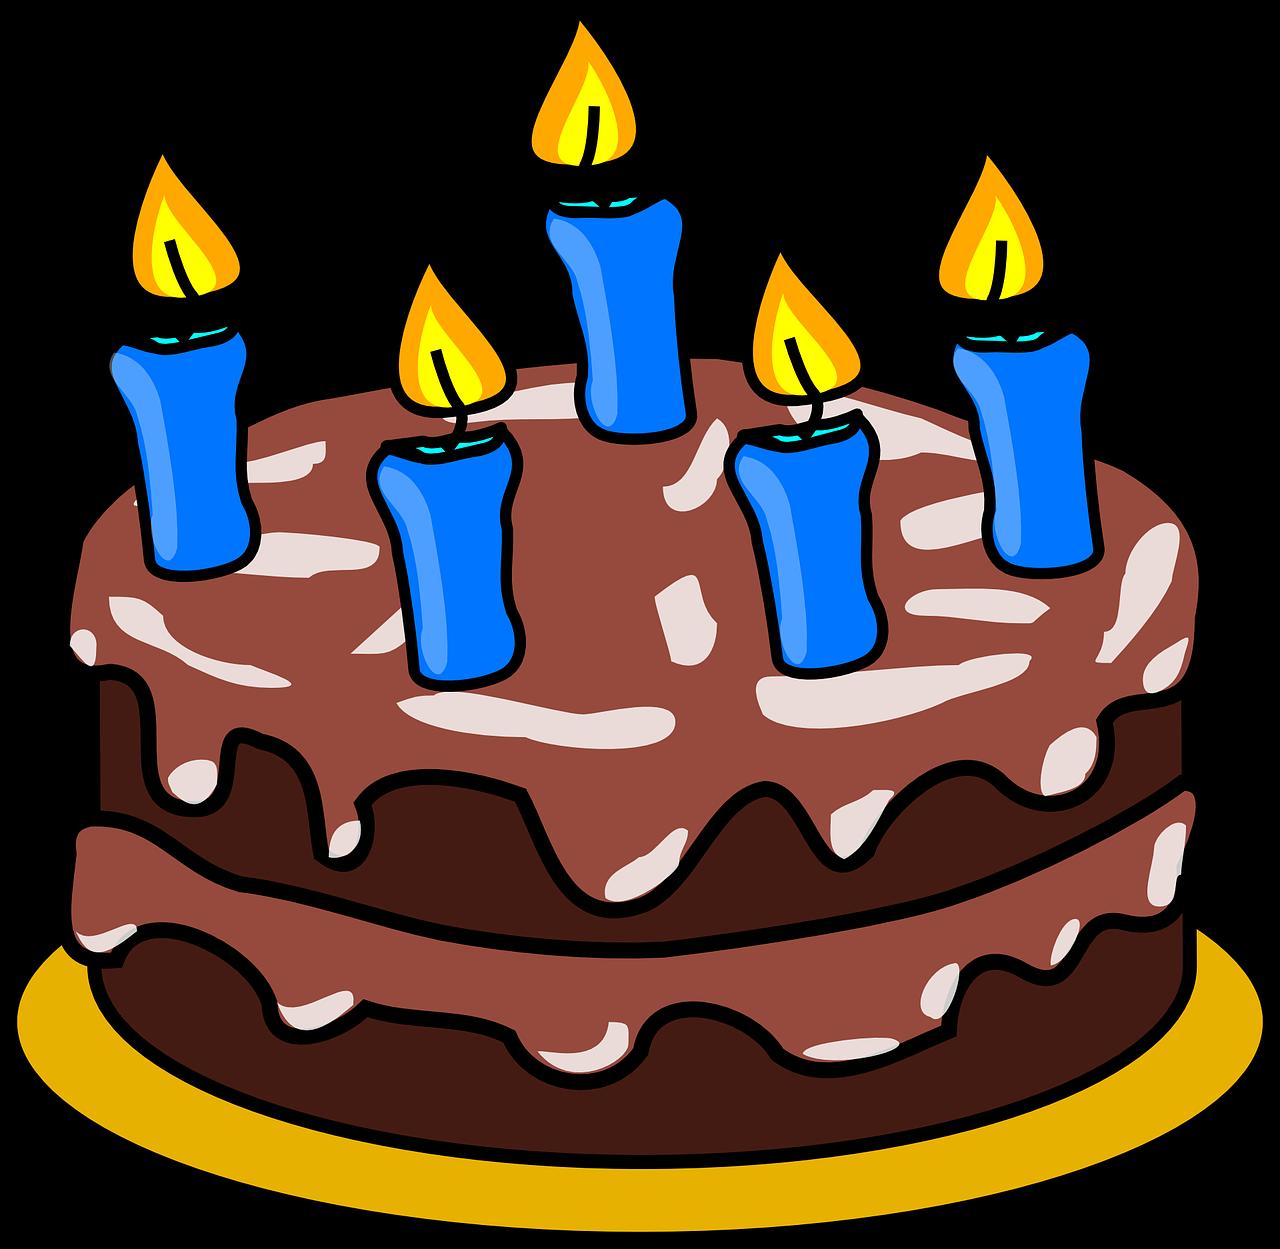 ציור של עוגה